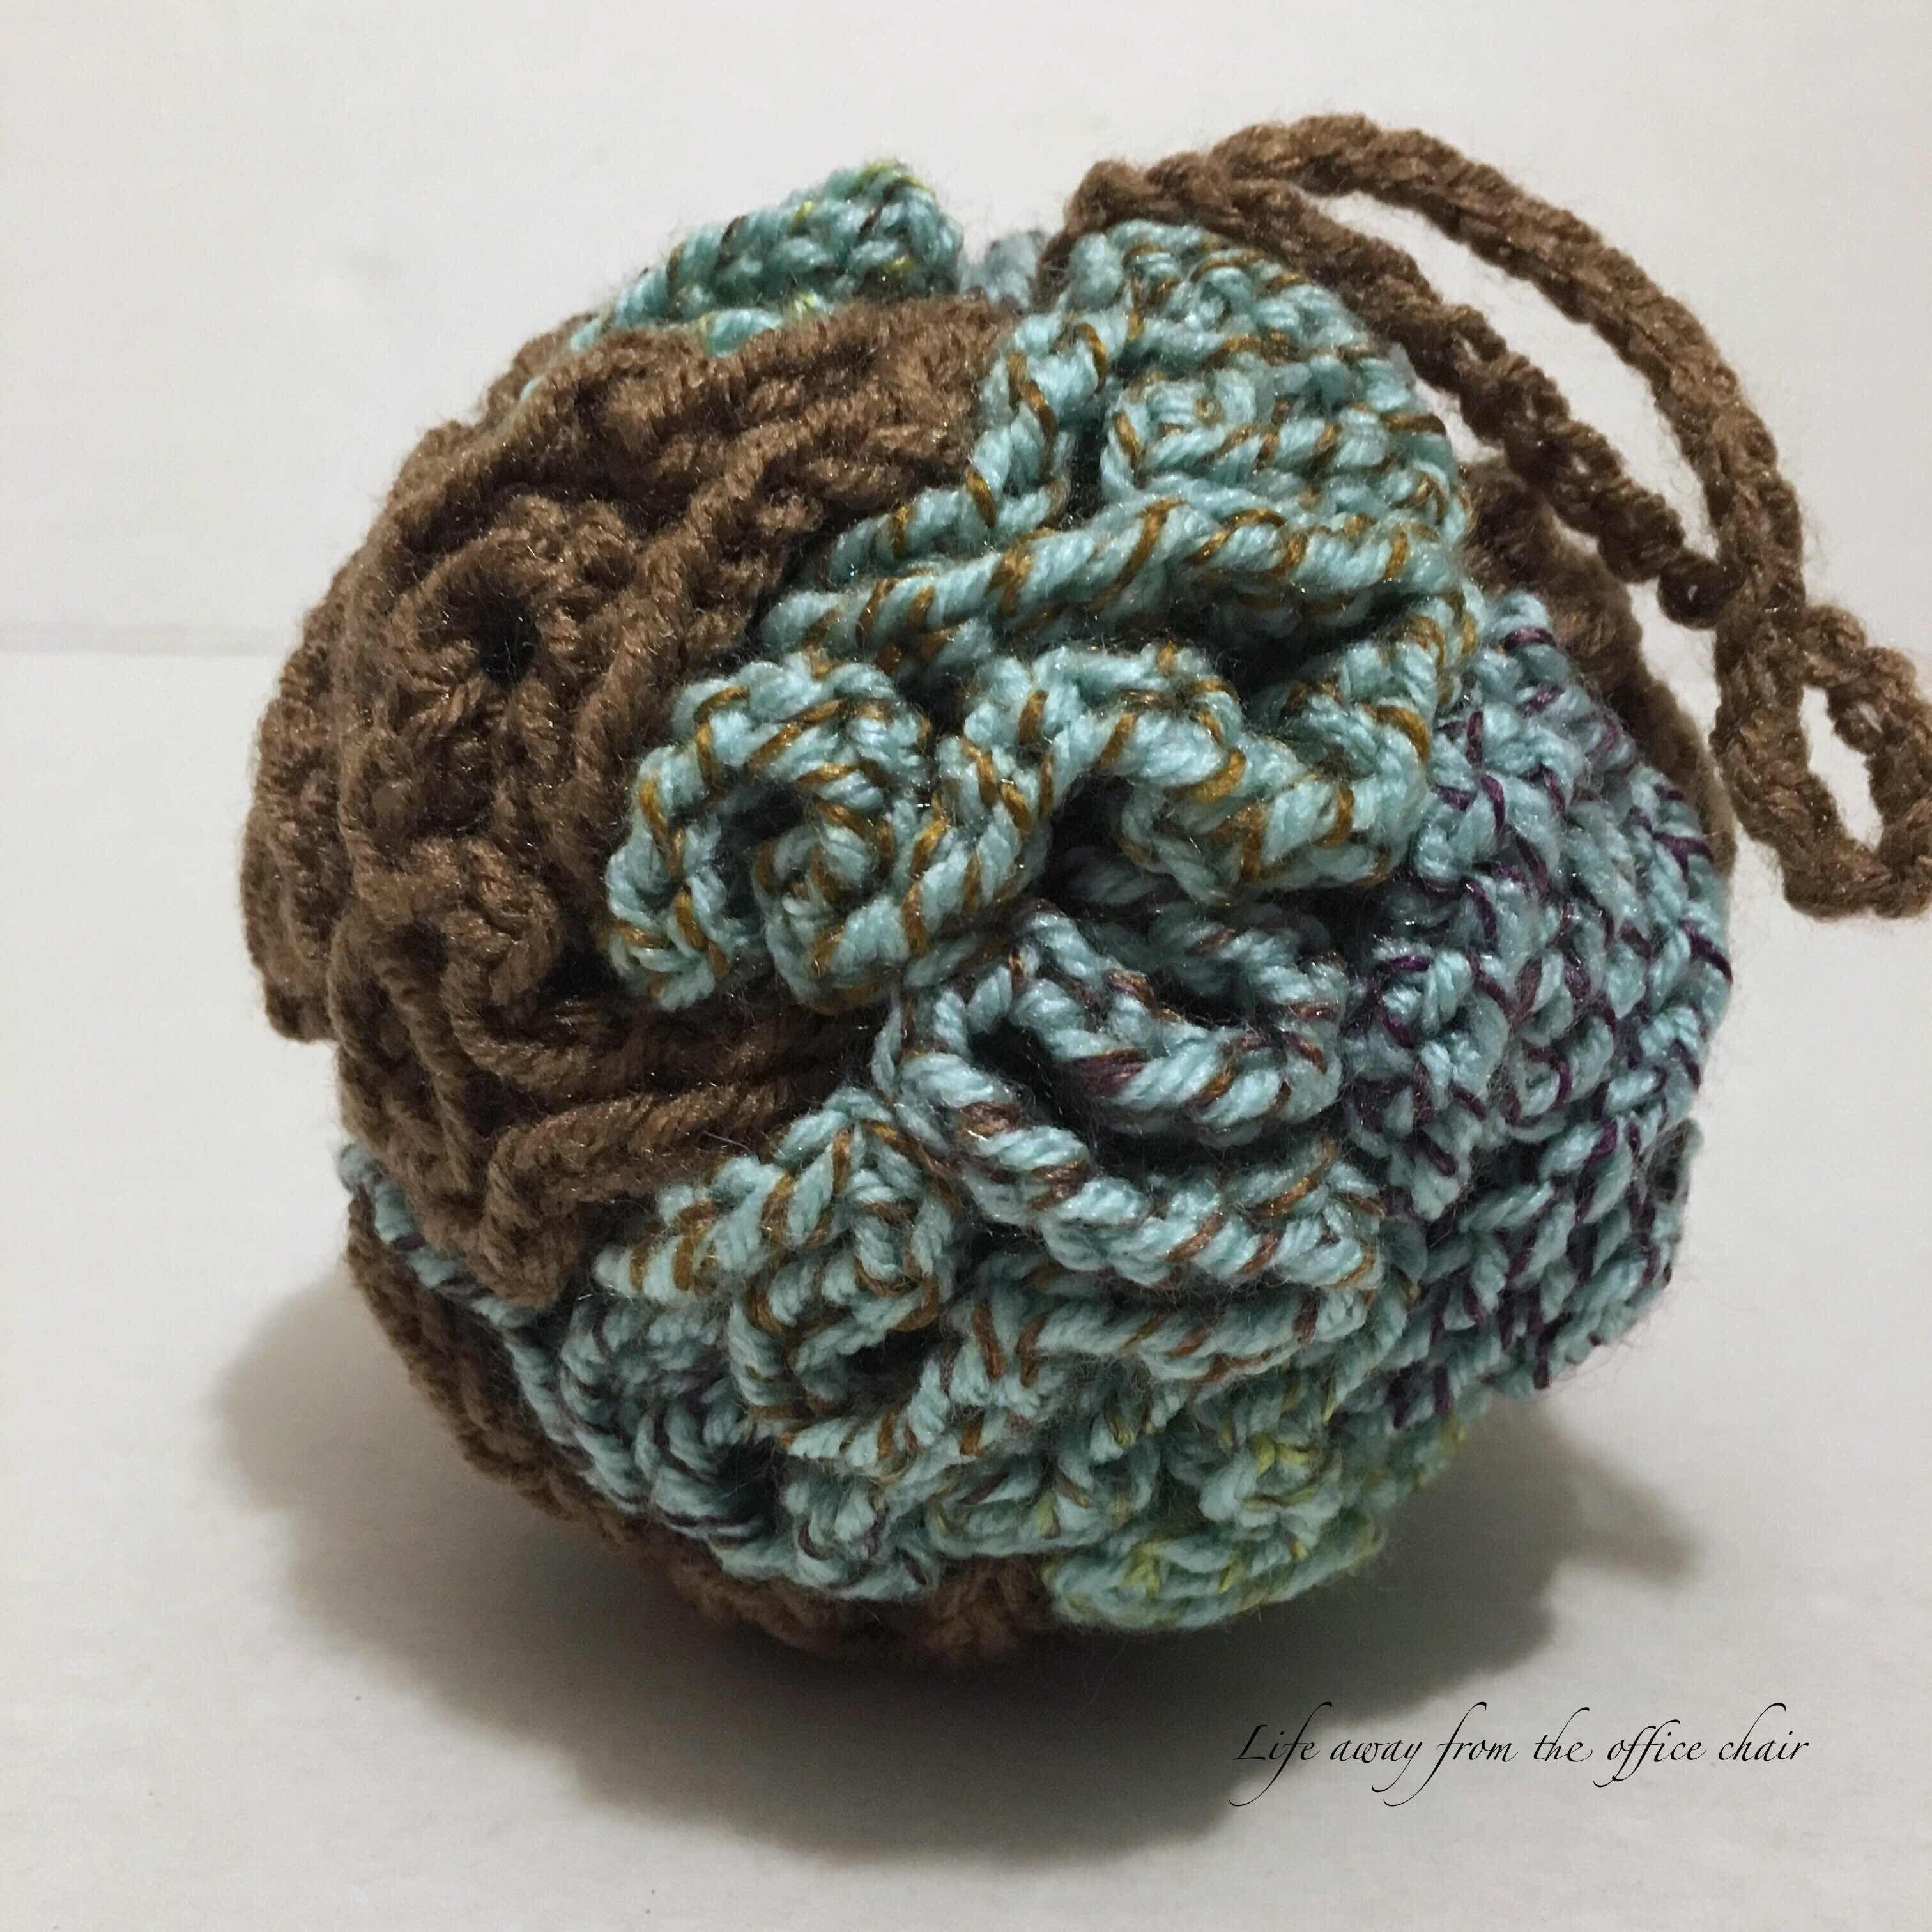 Crochet Bath Pouf | Crochet patterns, Crochet, Knit or crochet